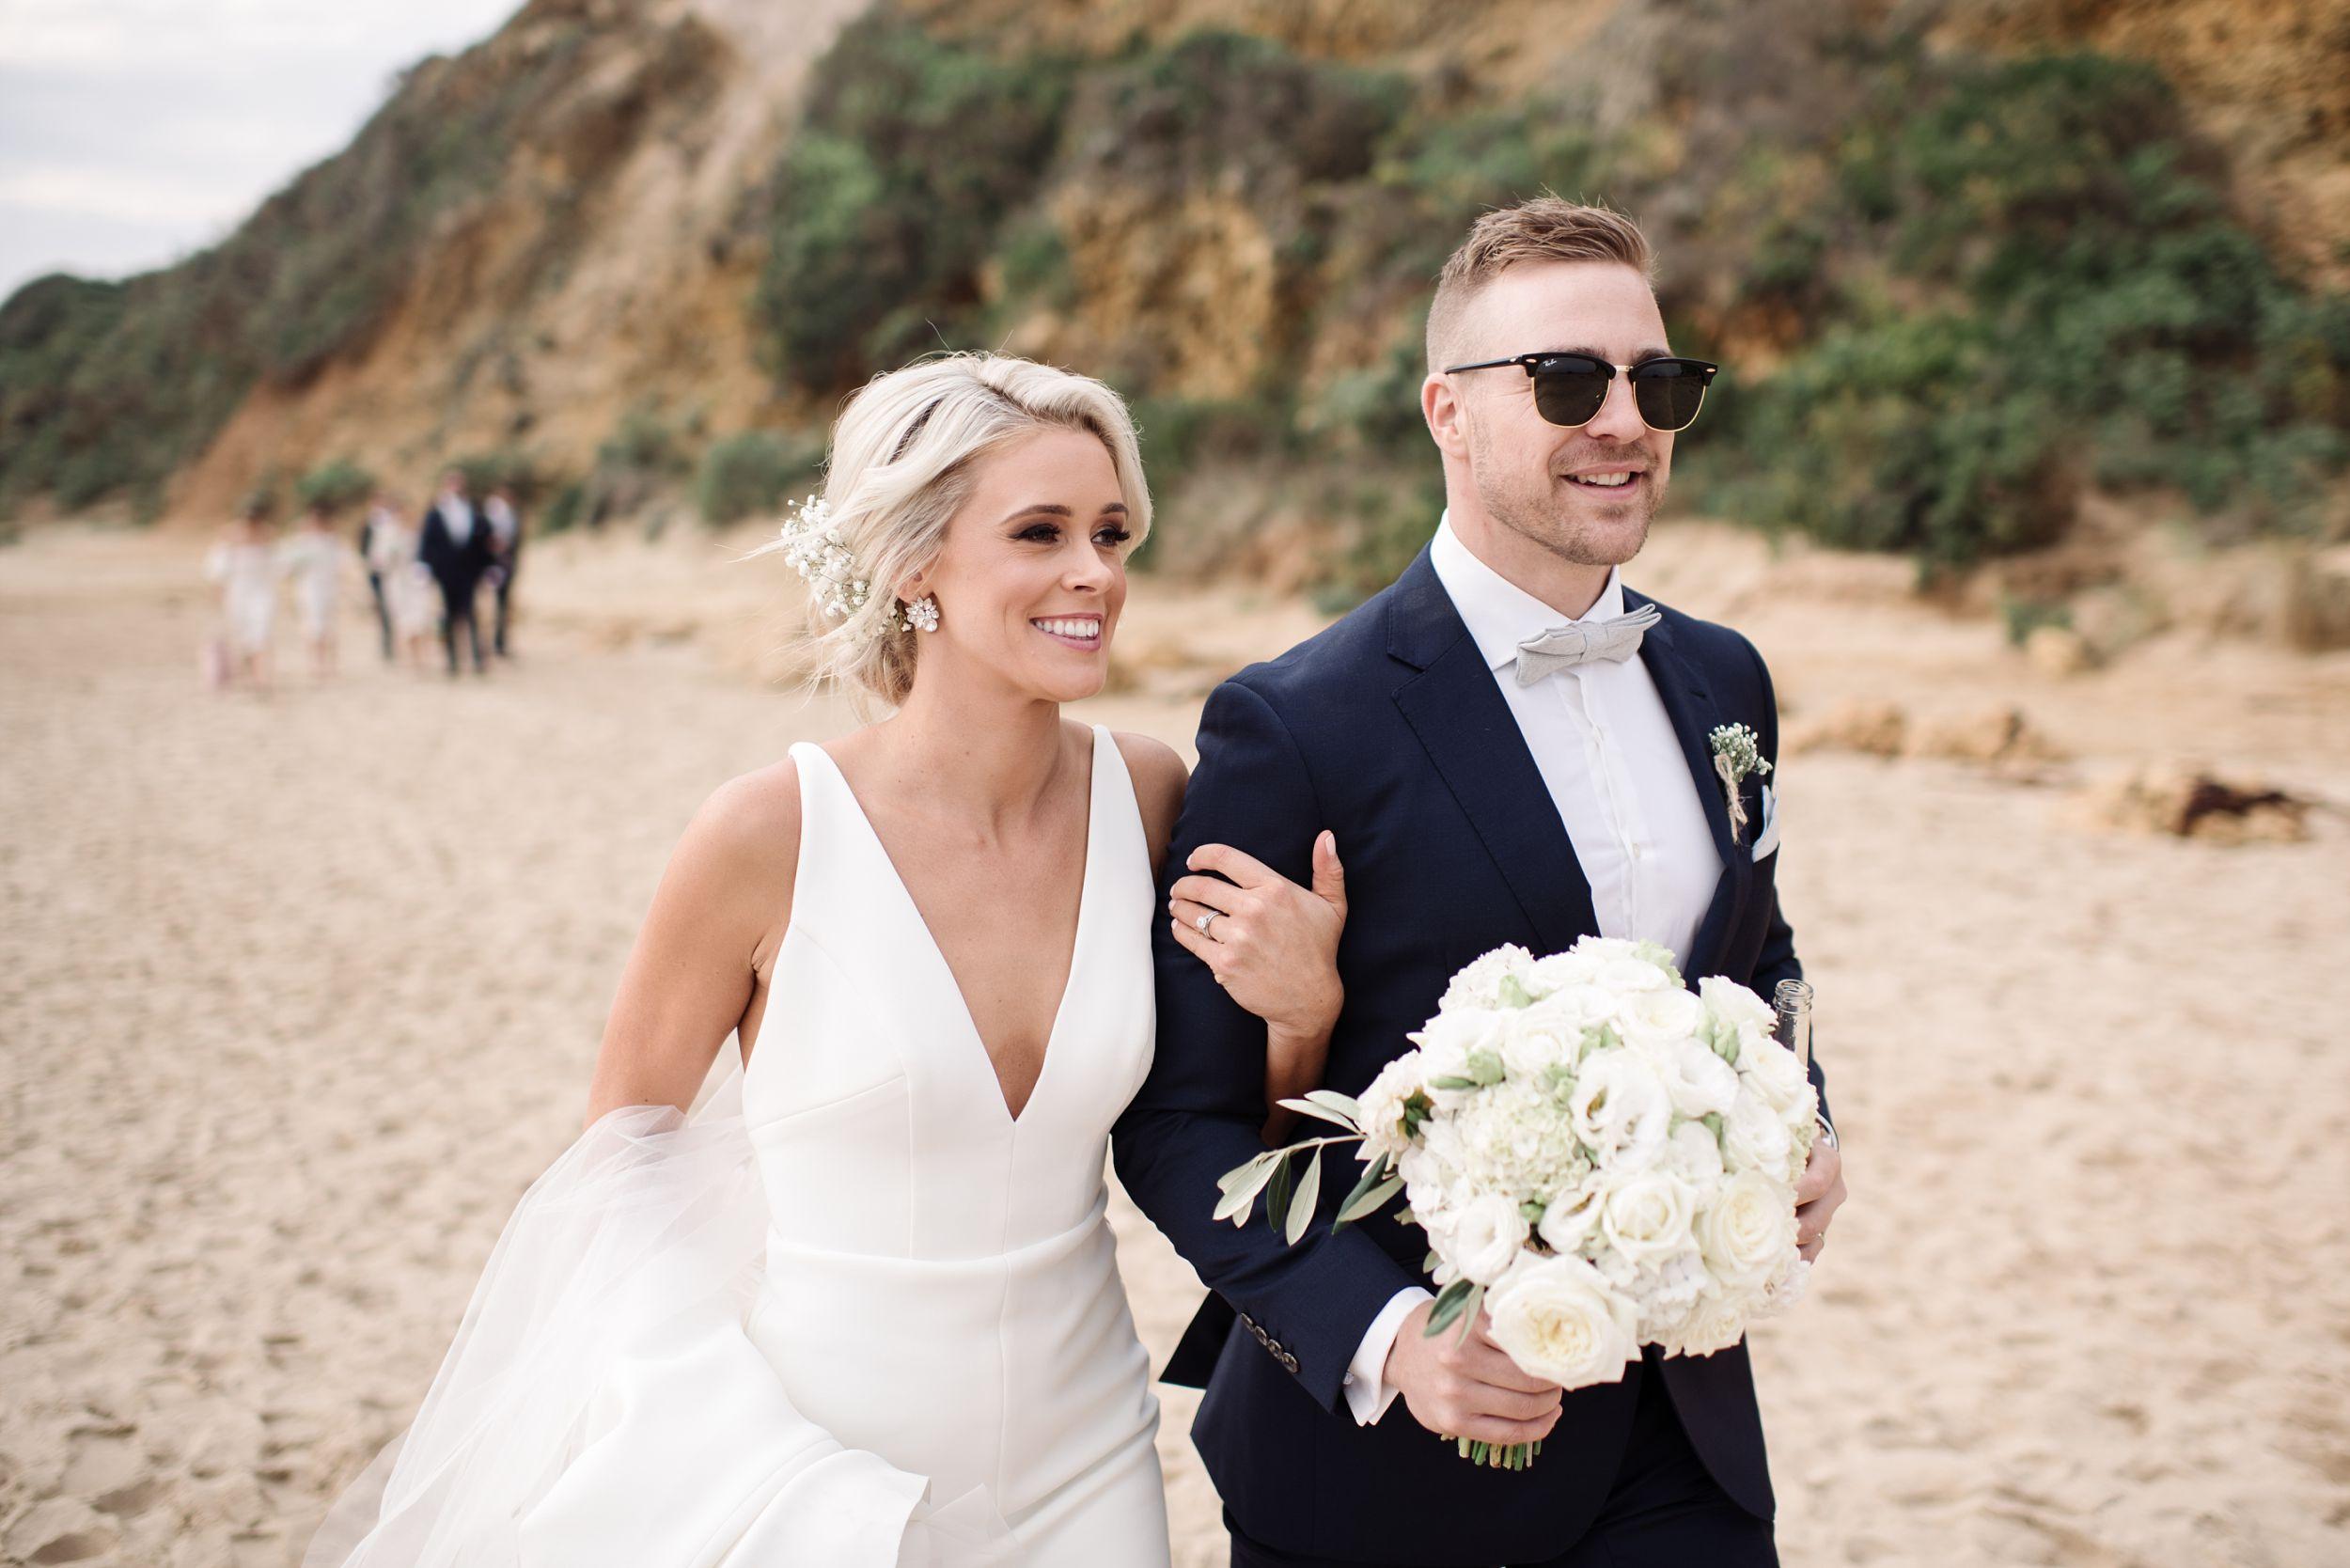 Fairhaven_wedding-Great-ocean-rd_0060.jpg